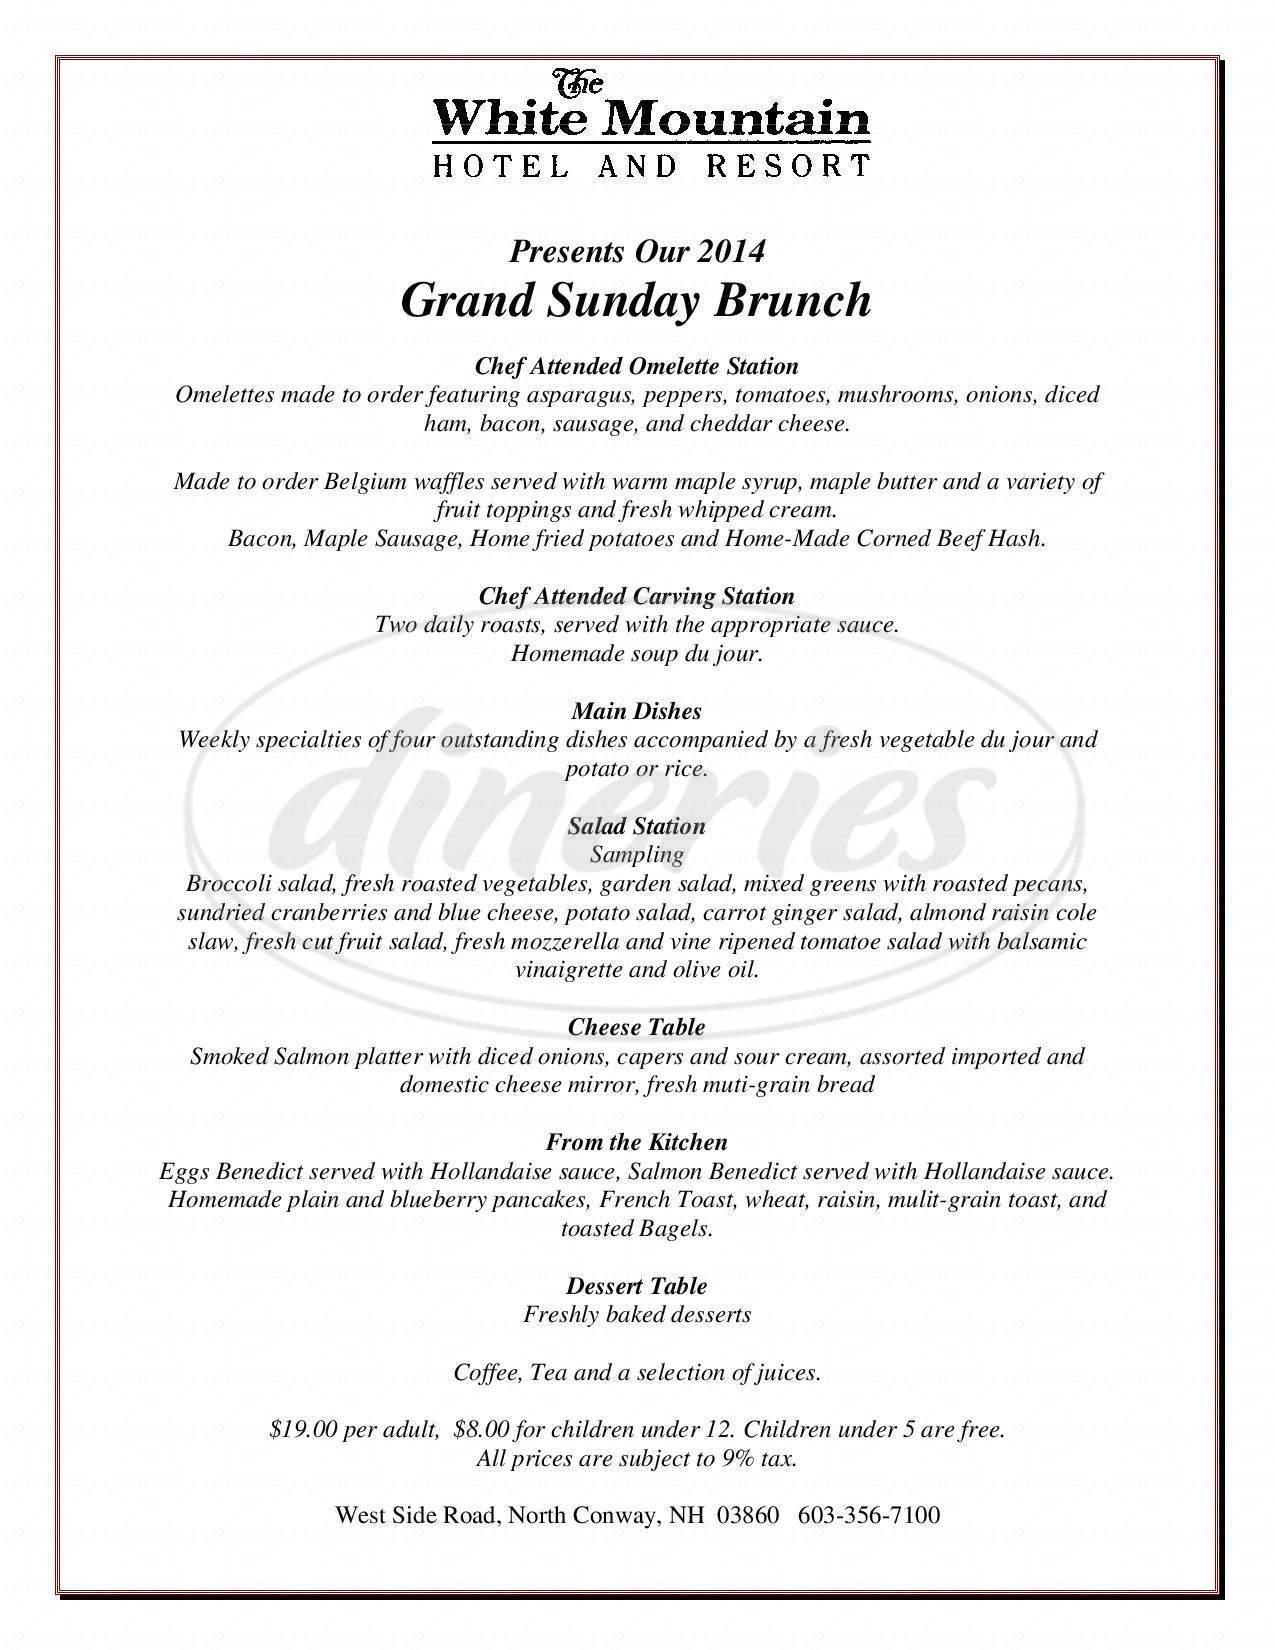 menu for Ledges Dining Room